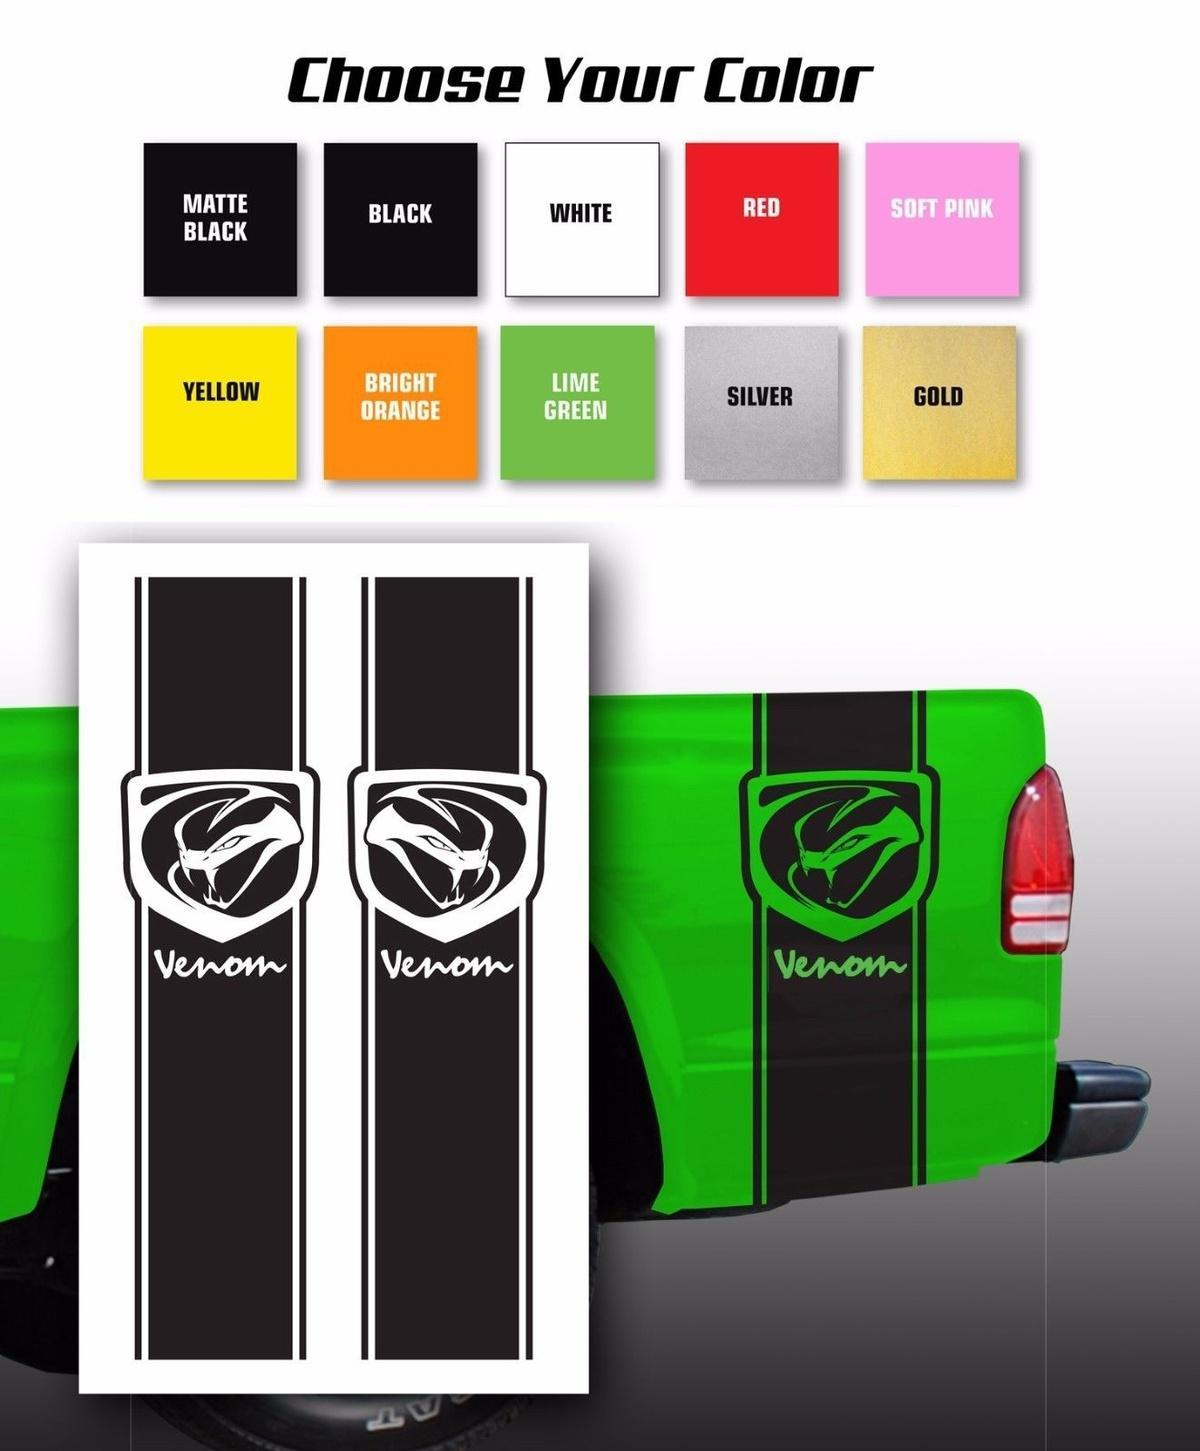 acheter pour les autocollants de decalque de lit de camion de ramassage de venin dodge choisissez la couleur de 10 05 du redchinatown dhgate com